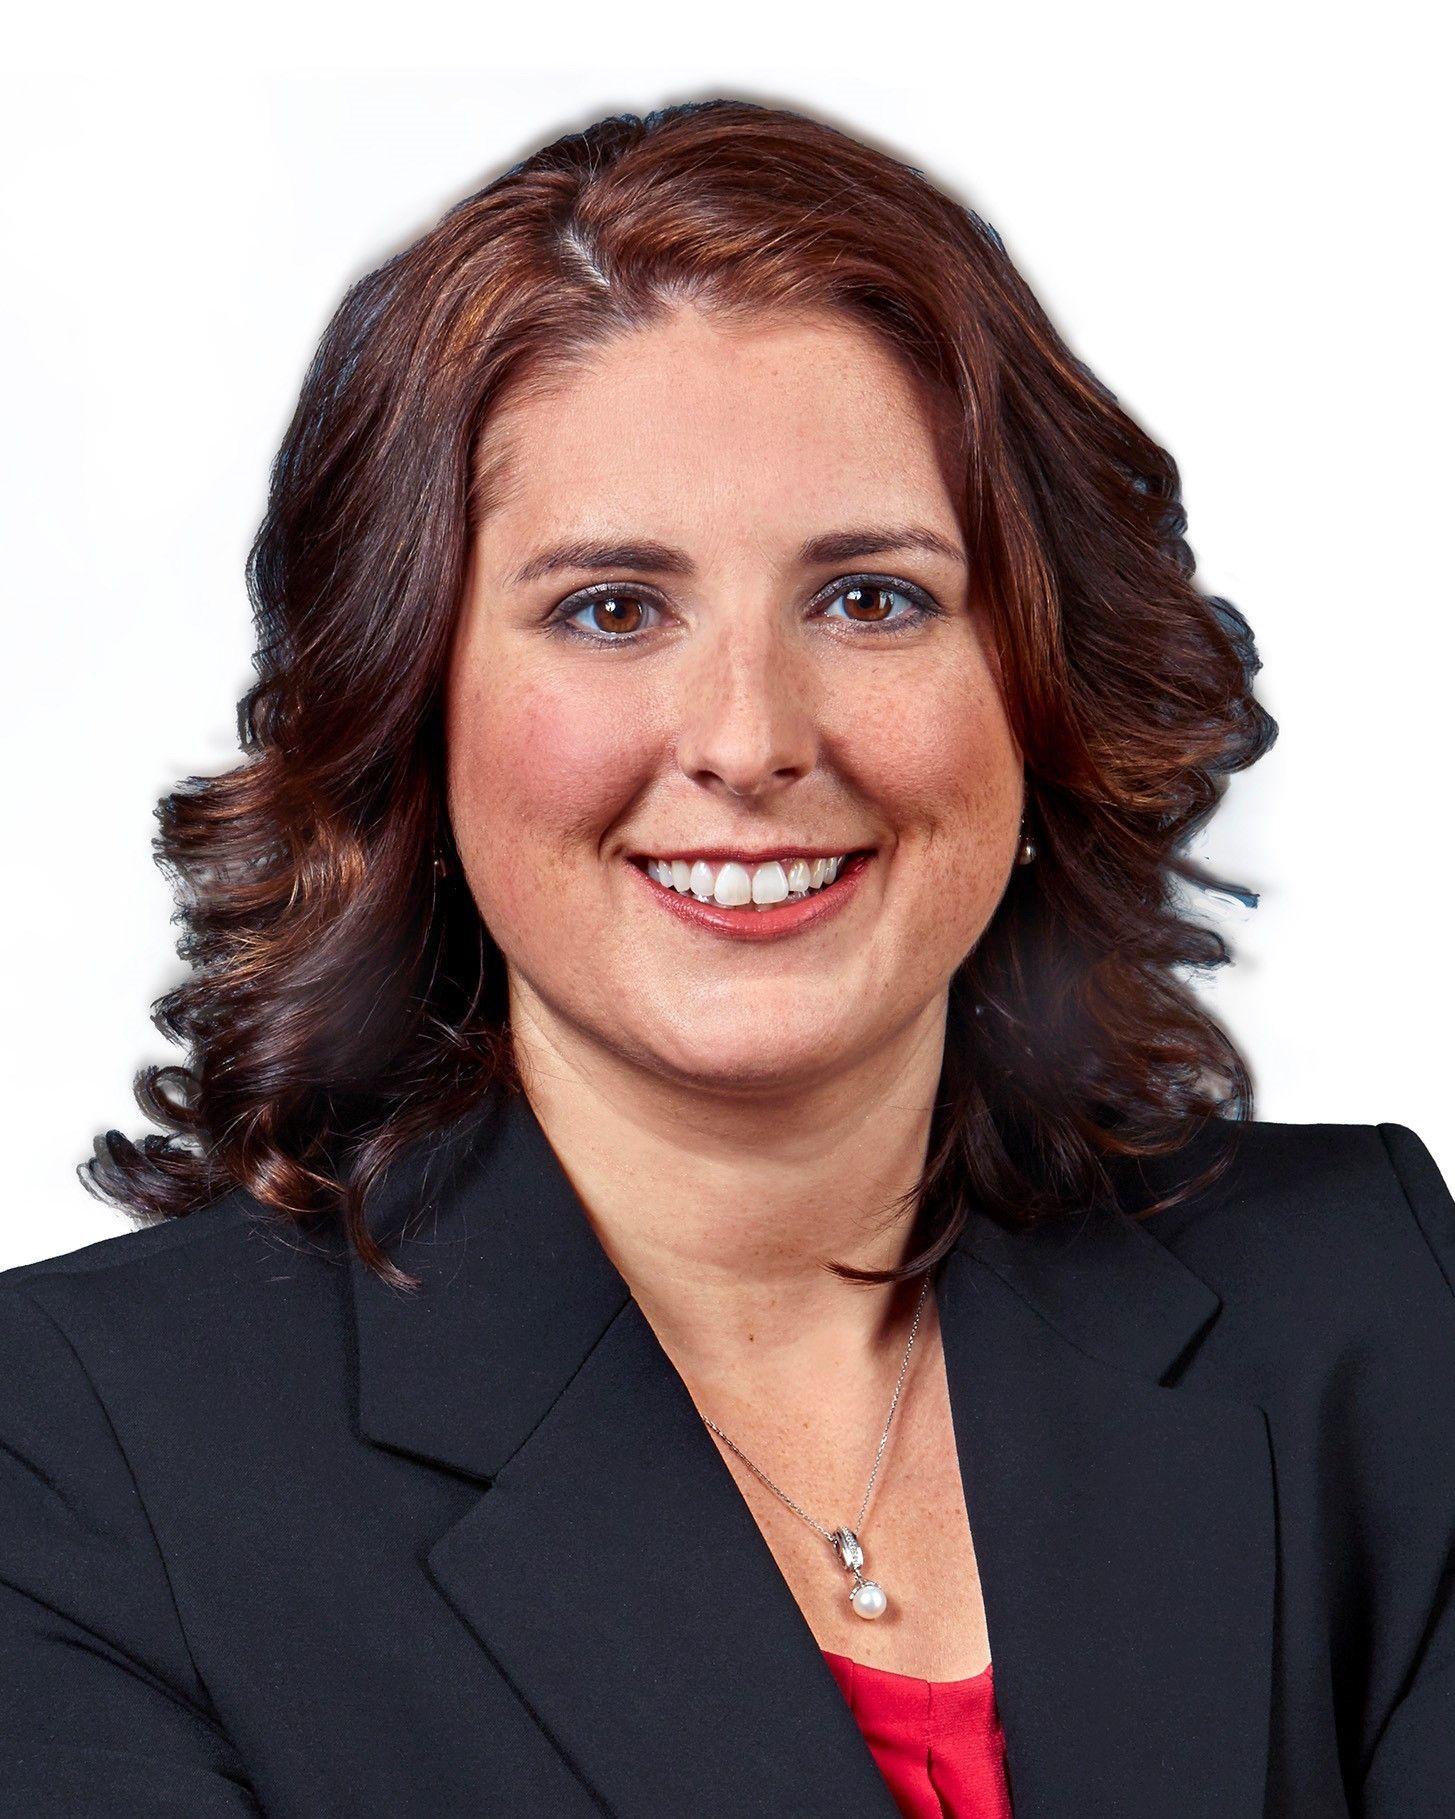 Rhonda Henschel